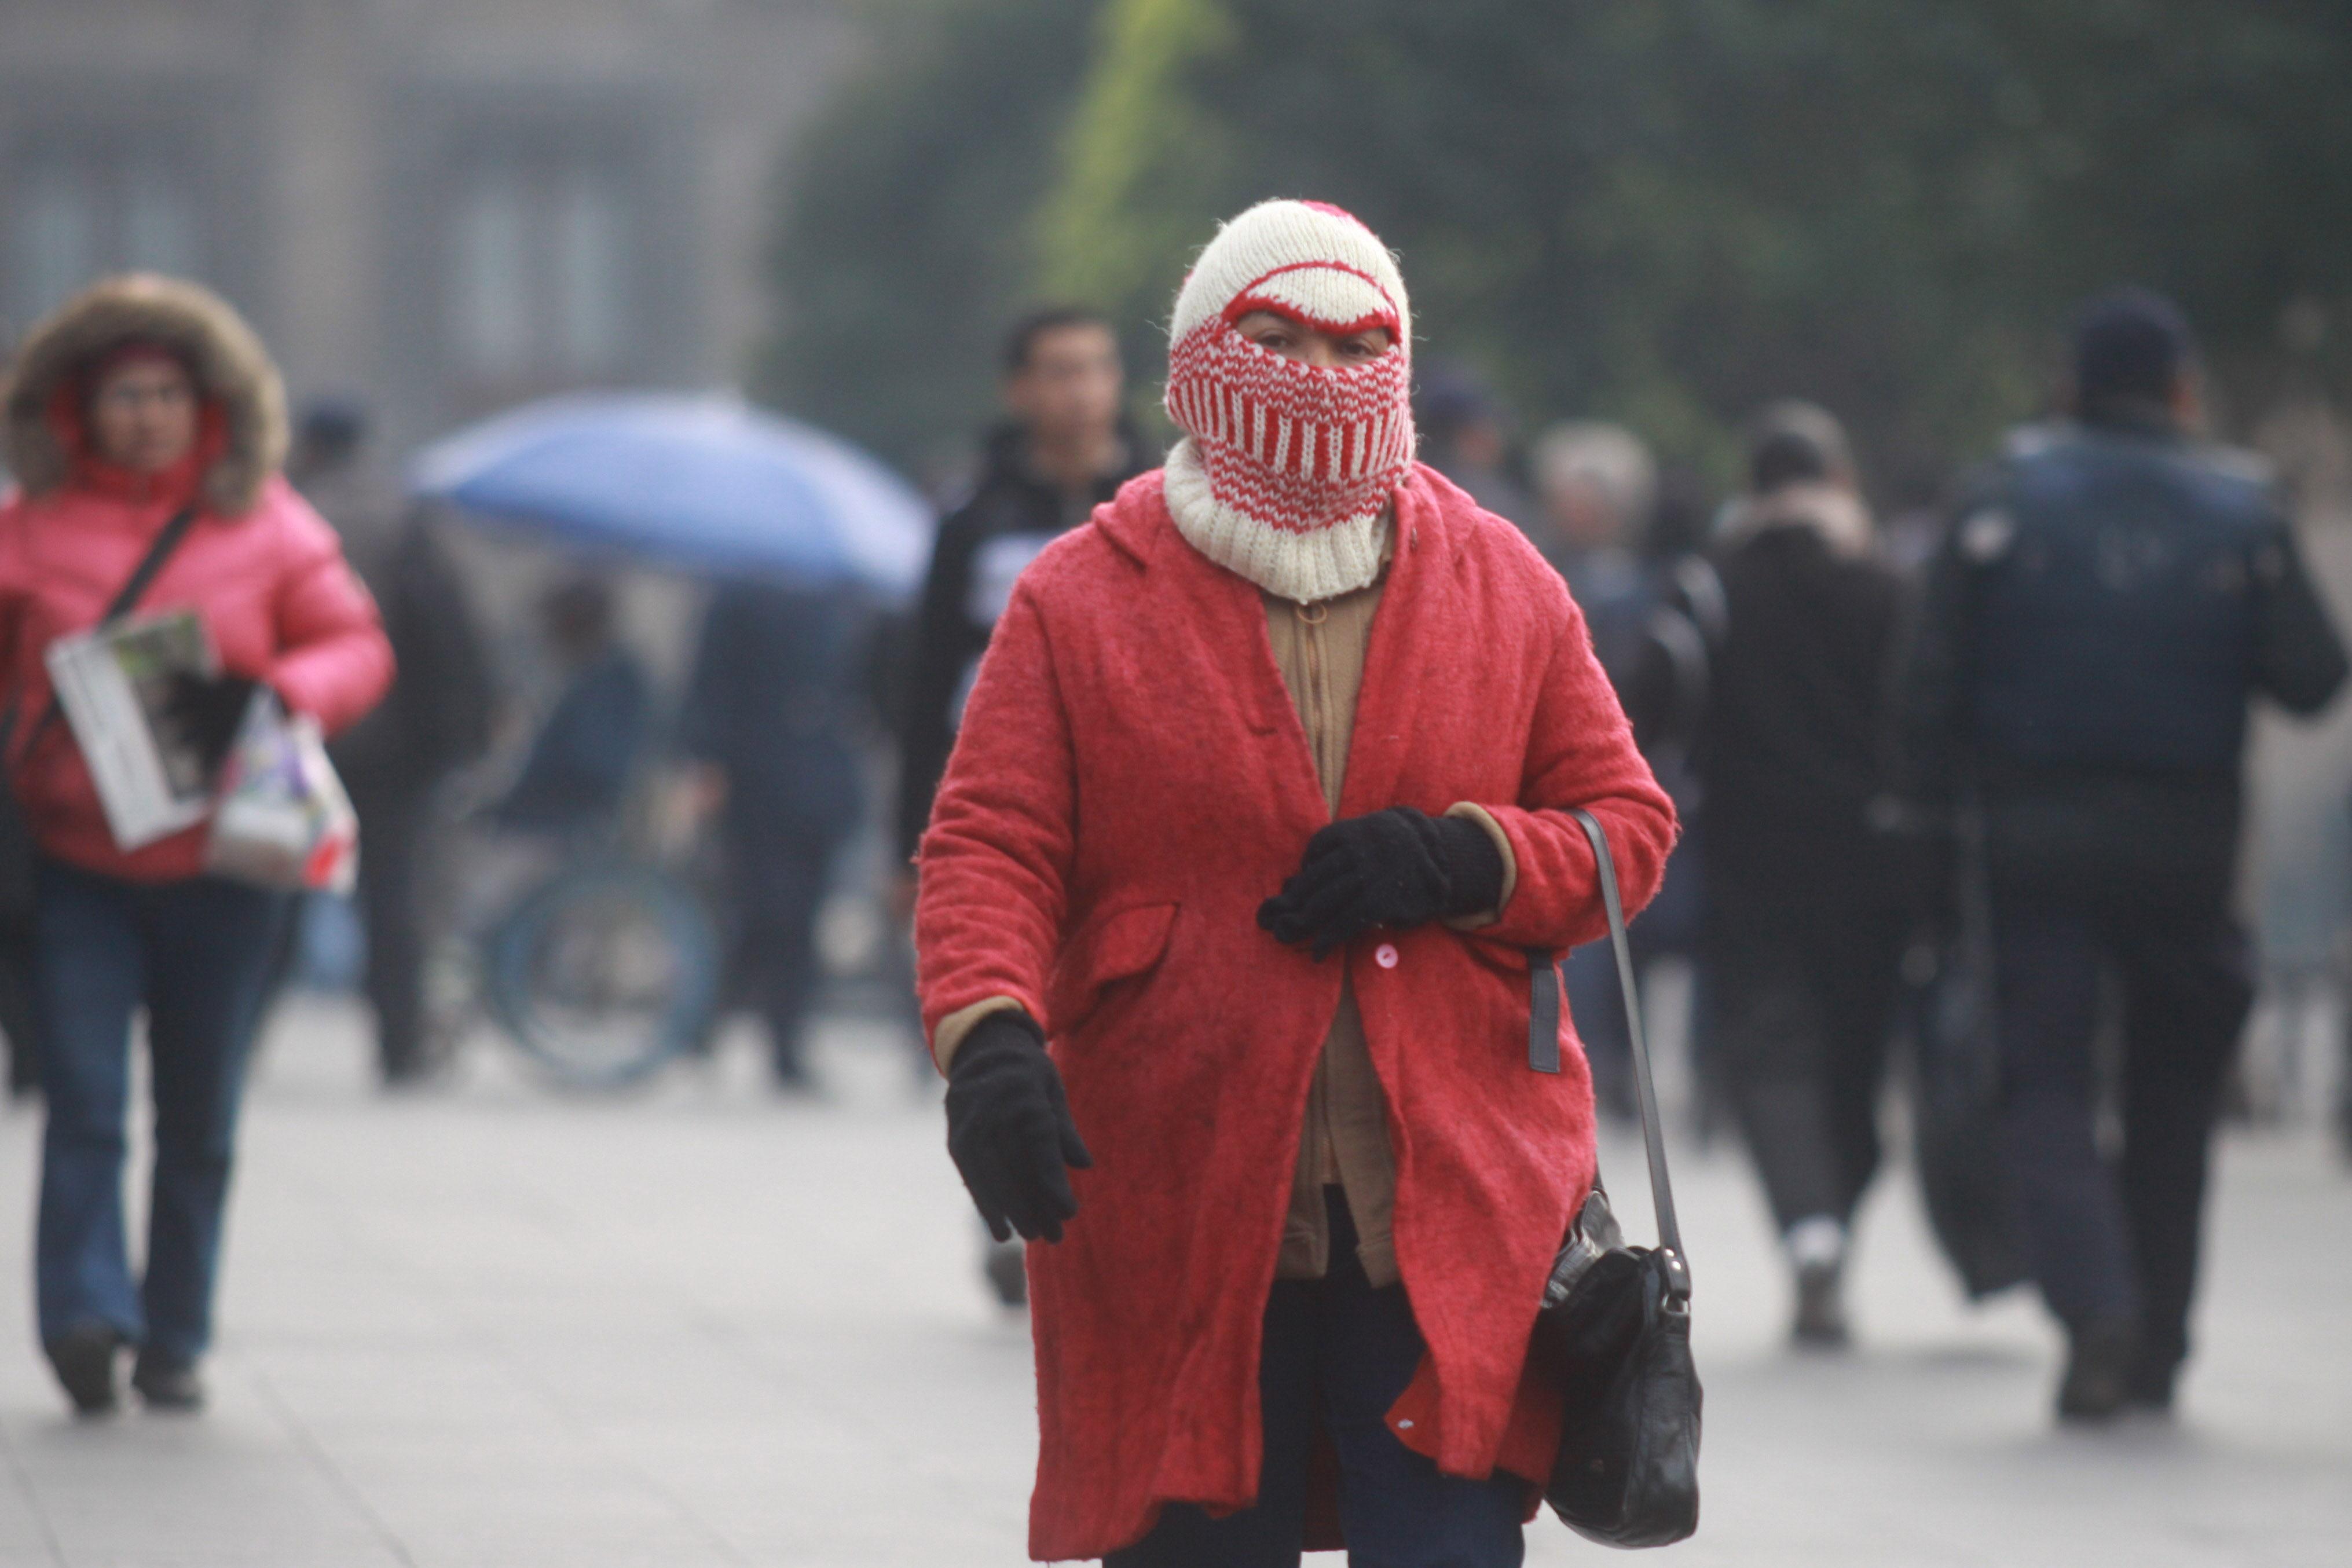 En noviembre se esperan los primeros frentes fríos